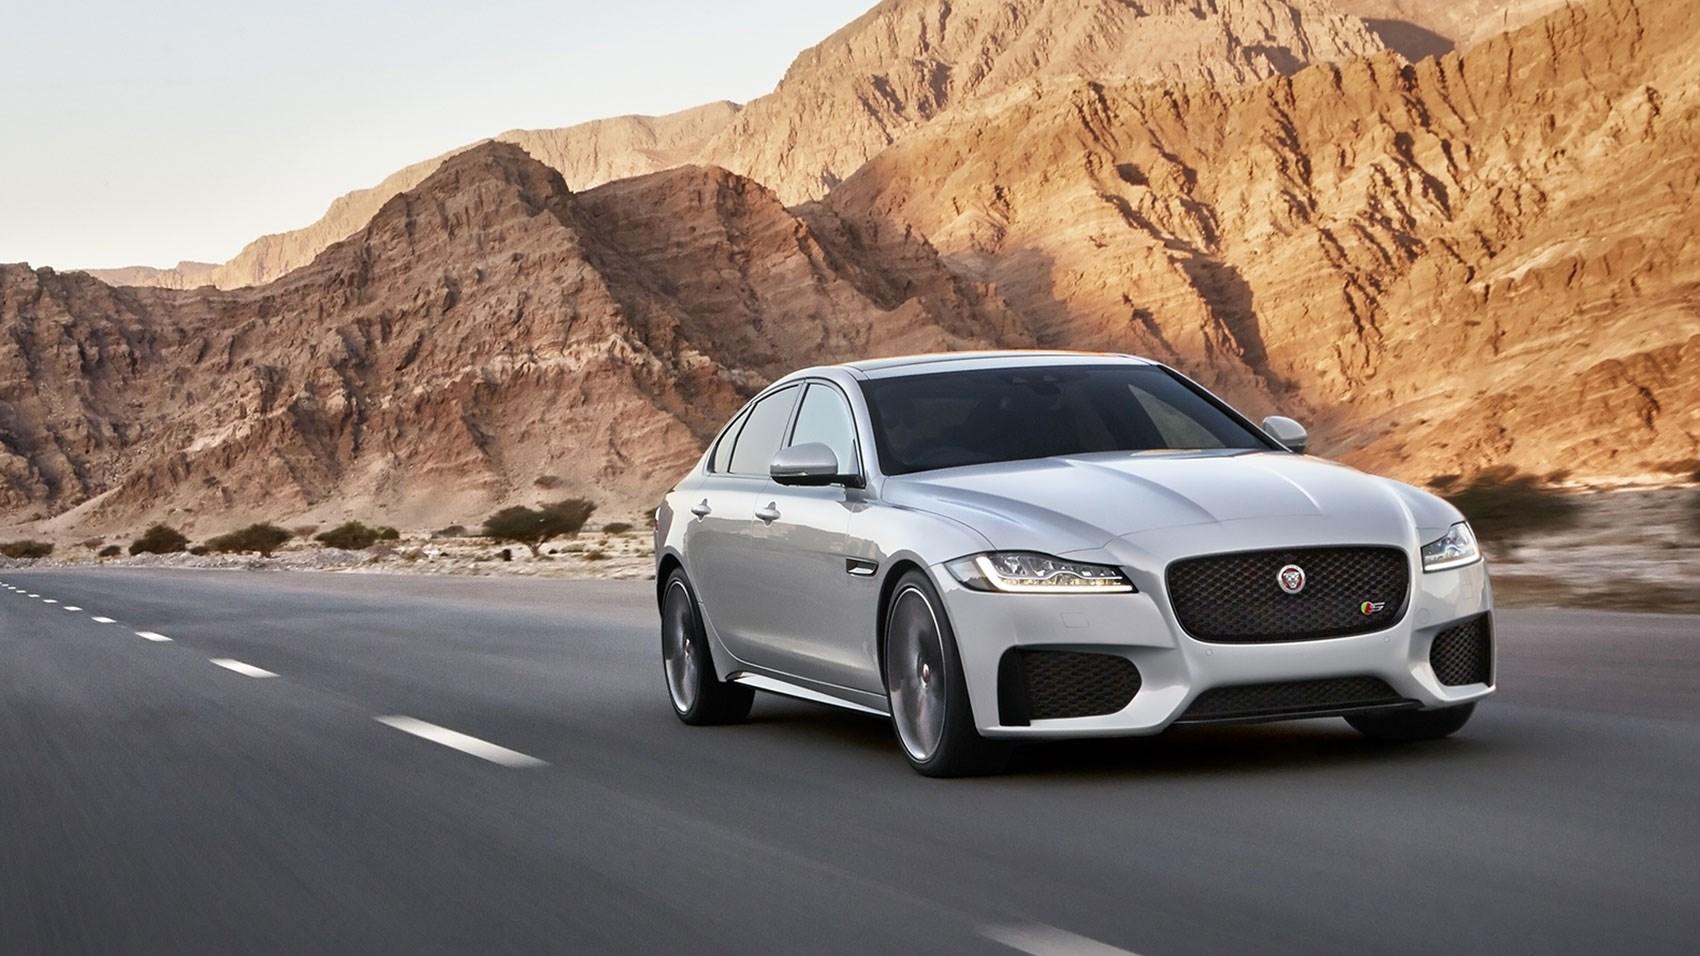 Jaguar XF S 2016 review by CAR Magazine